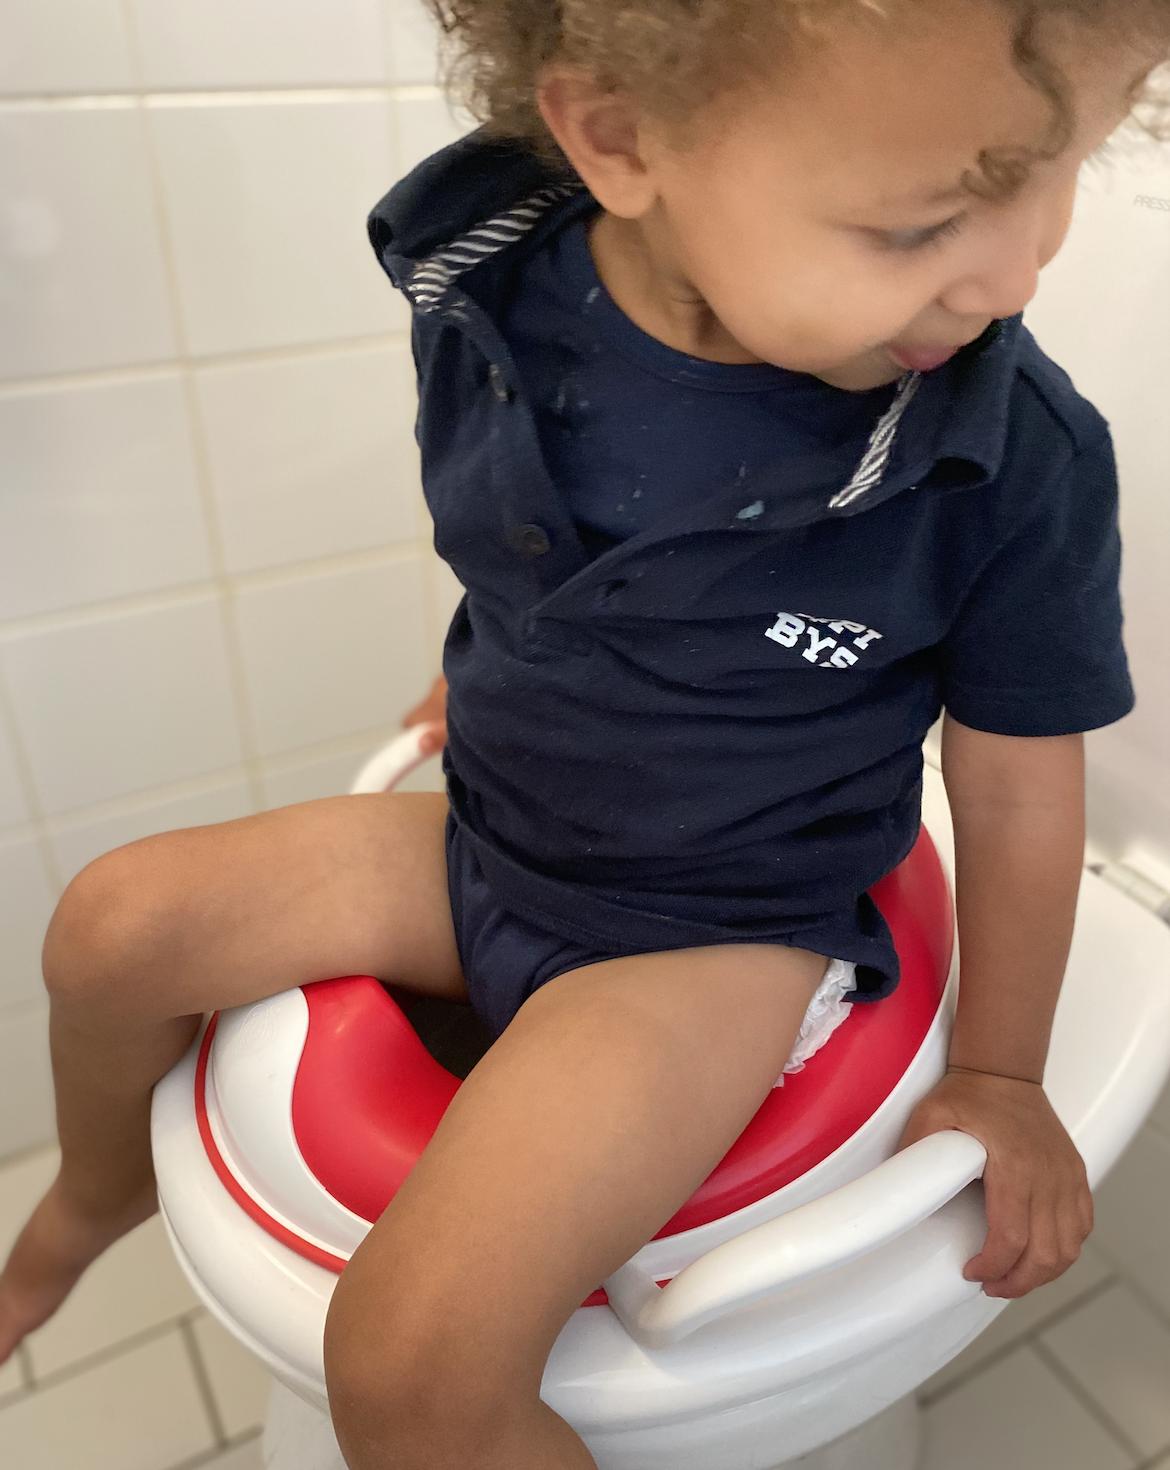 Wanneer begin je met zindelijkheidstraining? En welk plaspotje of toiletverkleiner schaf je aan? Wij delen tips in dit artikel!